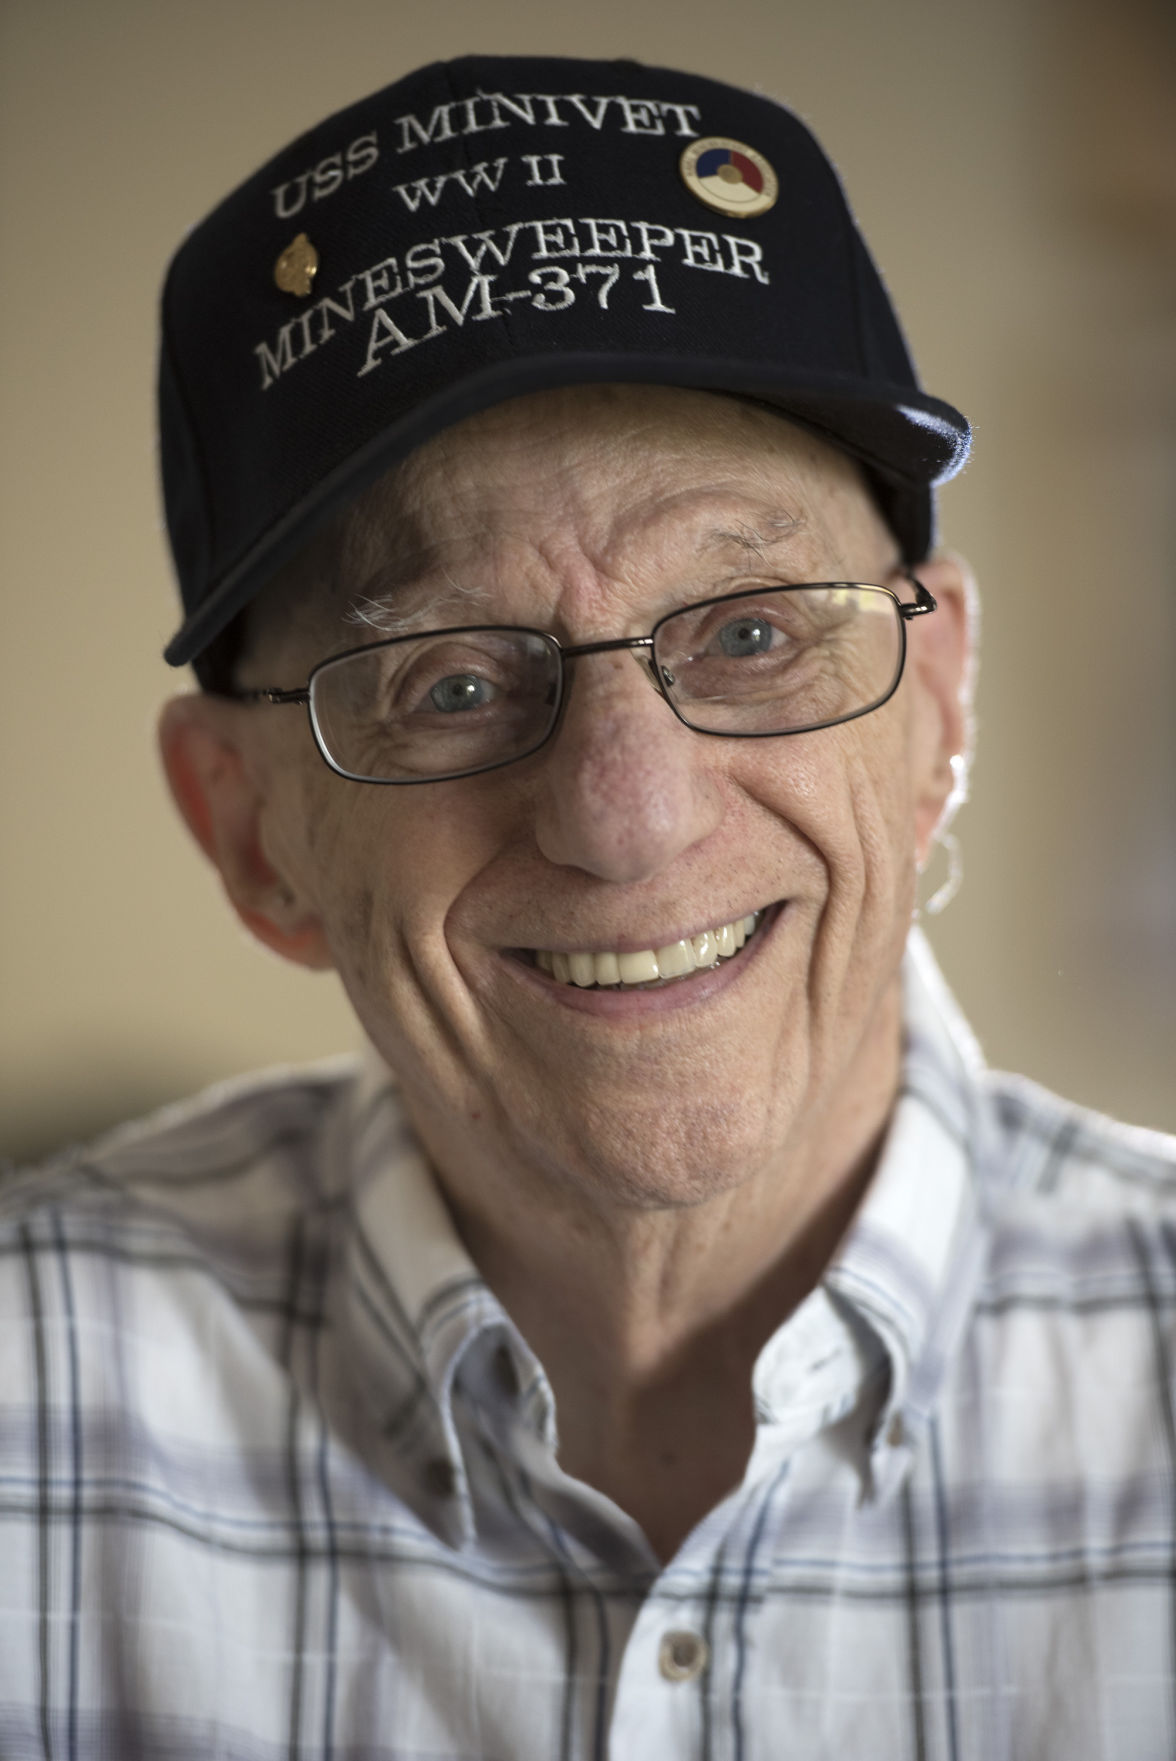 WWII Veteran Marvin Elfman